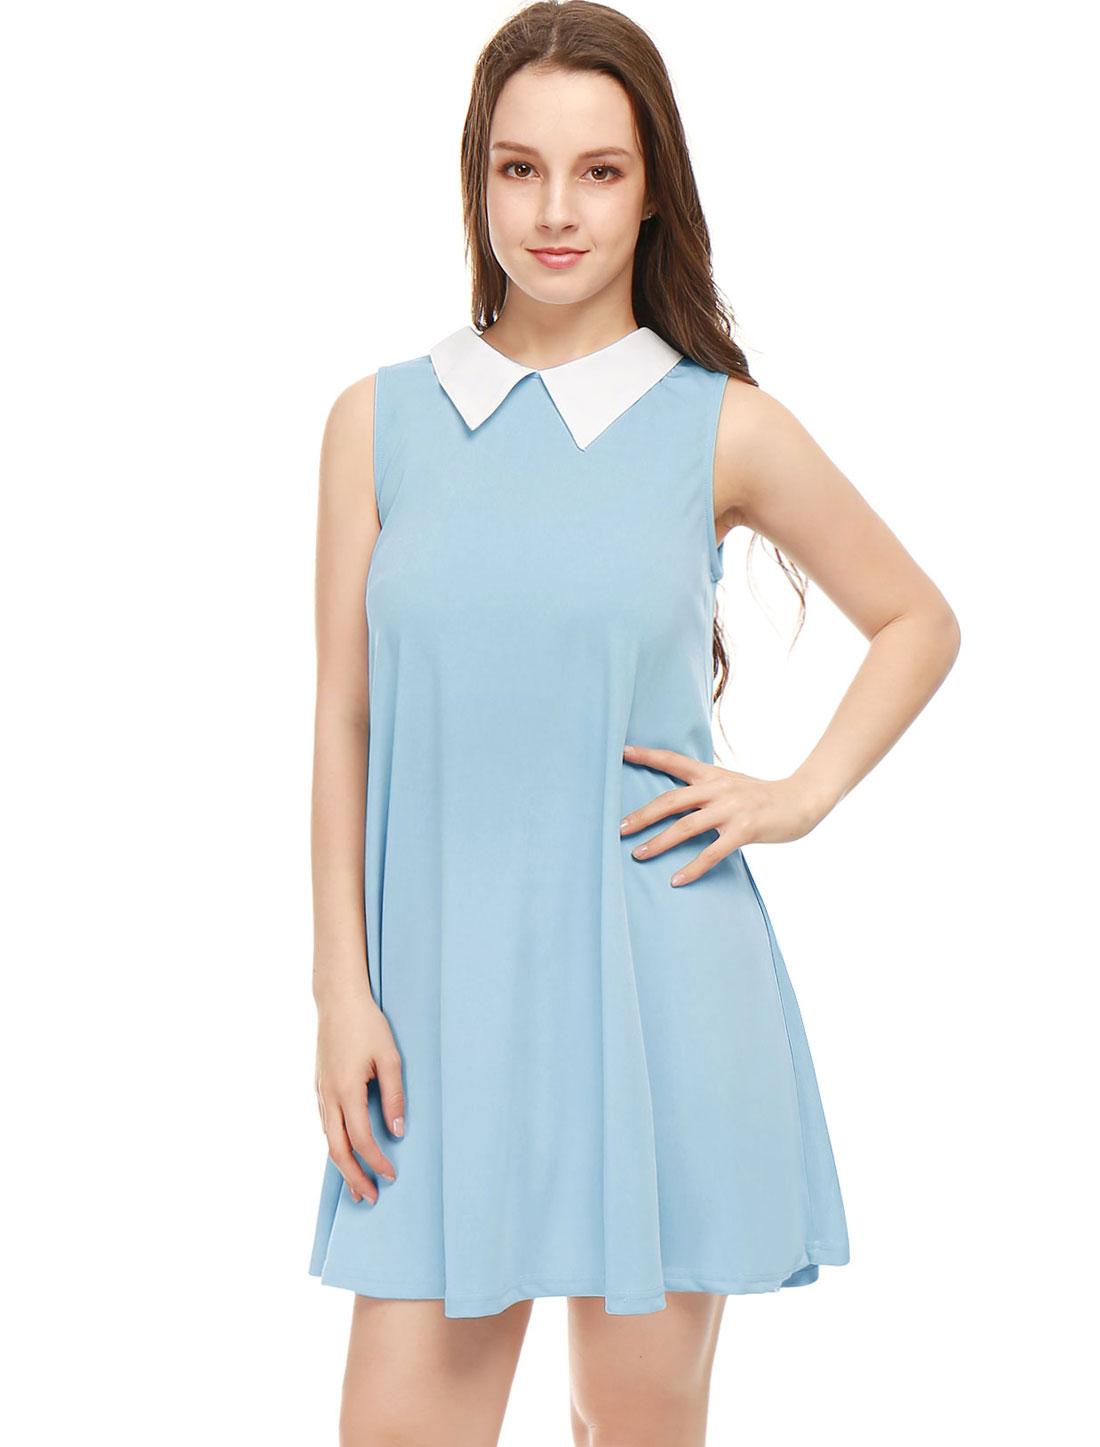 Allegra K Women Contrast Color Peter Pan Collar Sleeveless Swing Dress Blue M